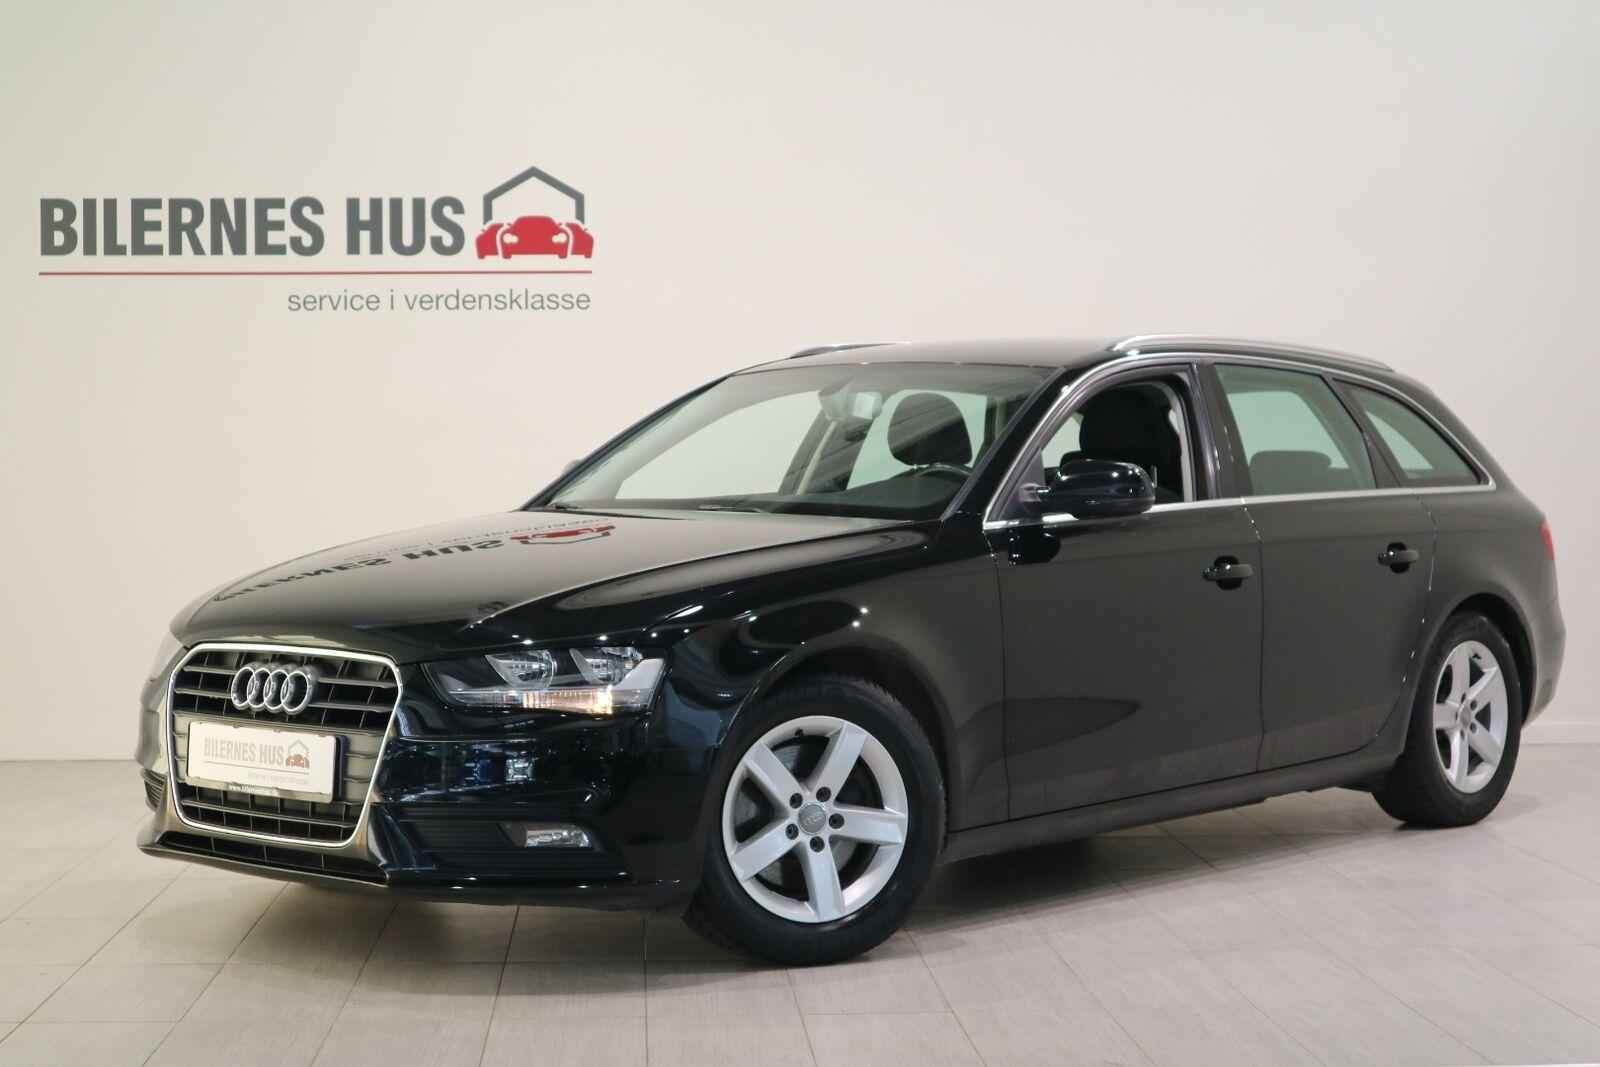 Audi A4 Billede 2